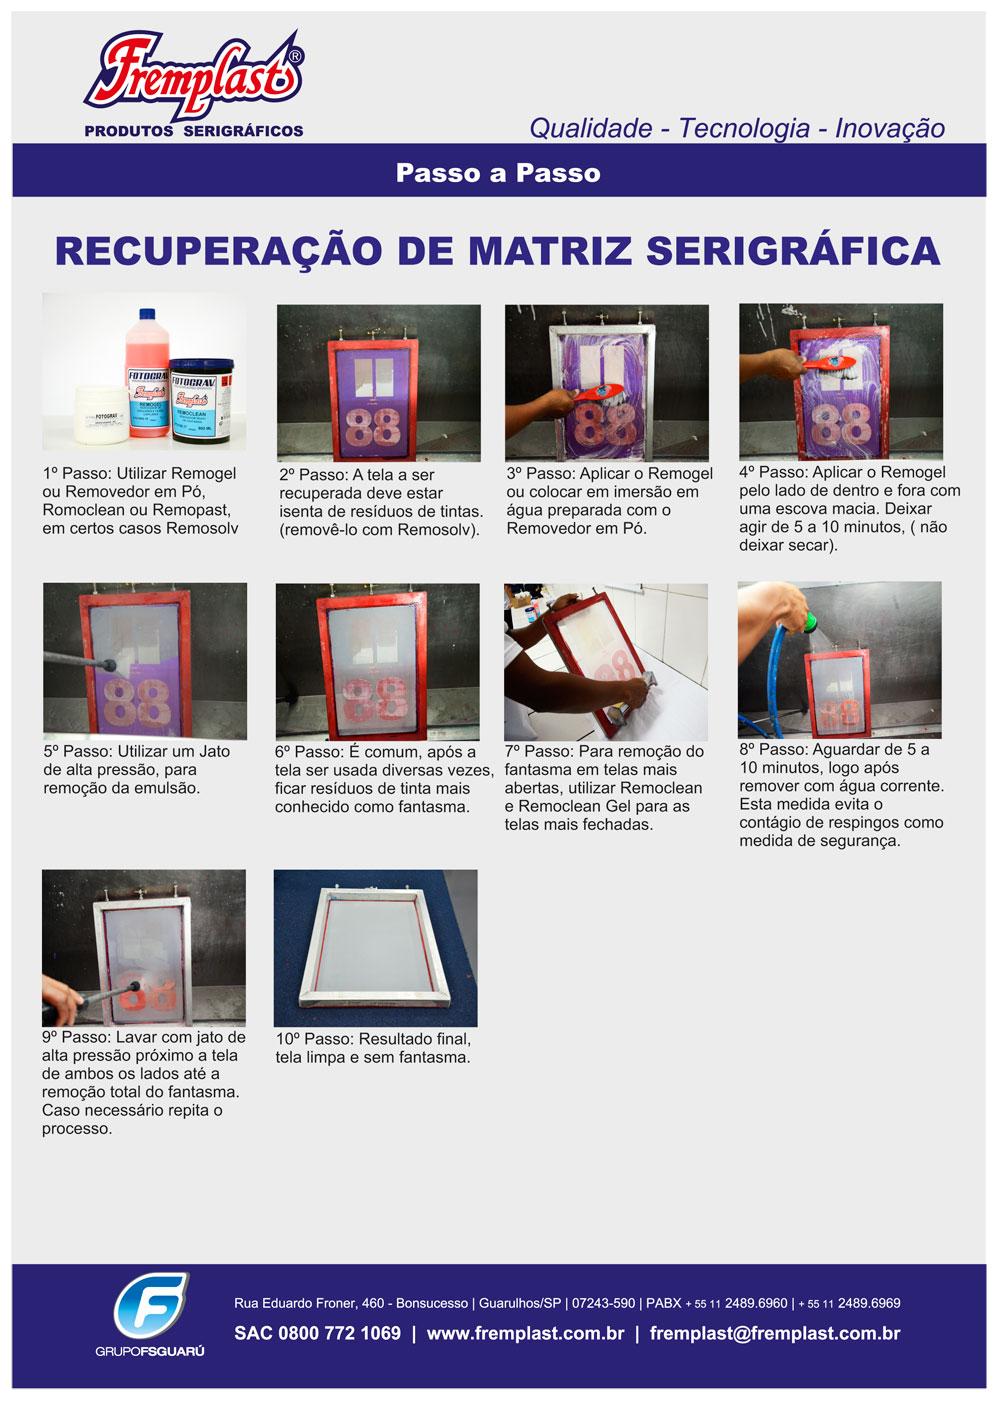 recuperacao matriz serigrafica - Recuperação da matriz serigráfica